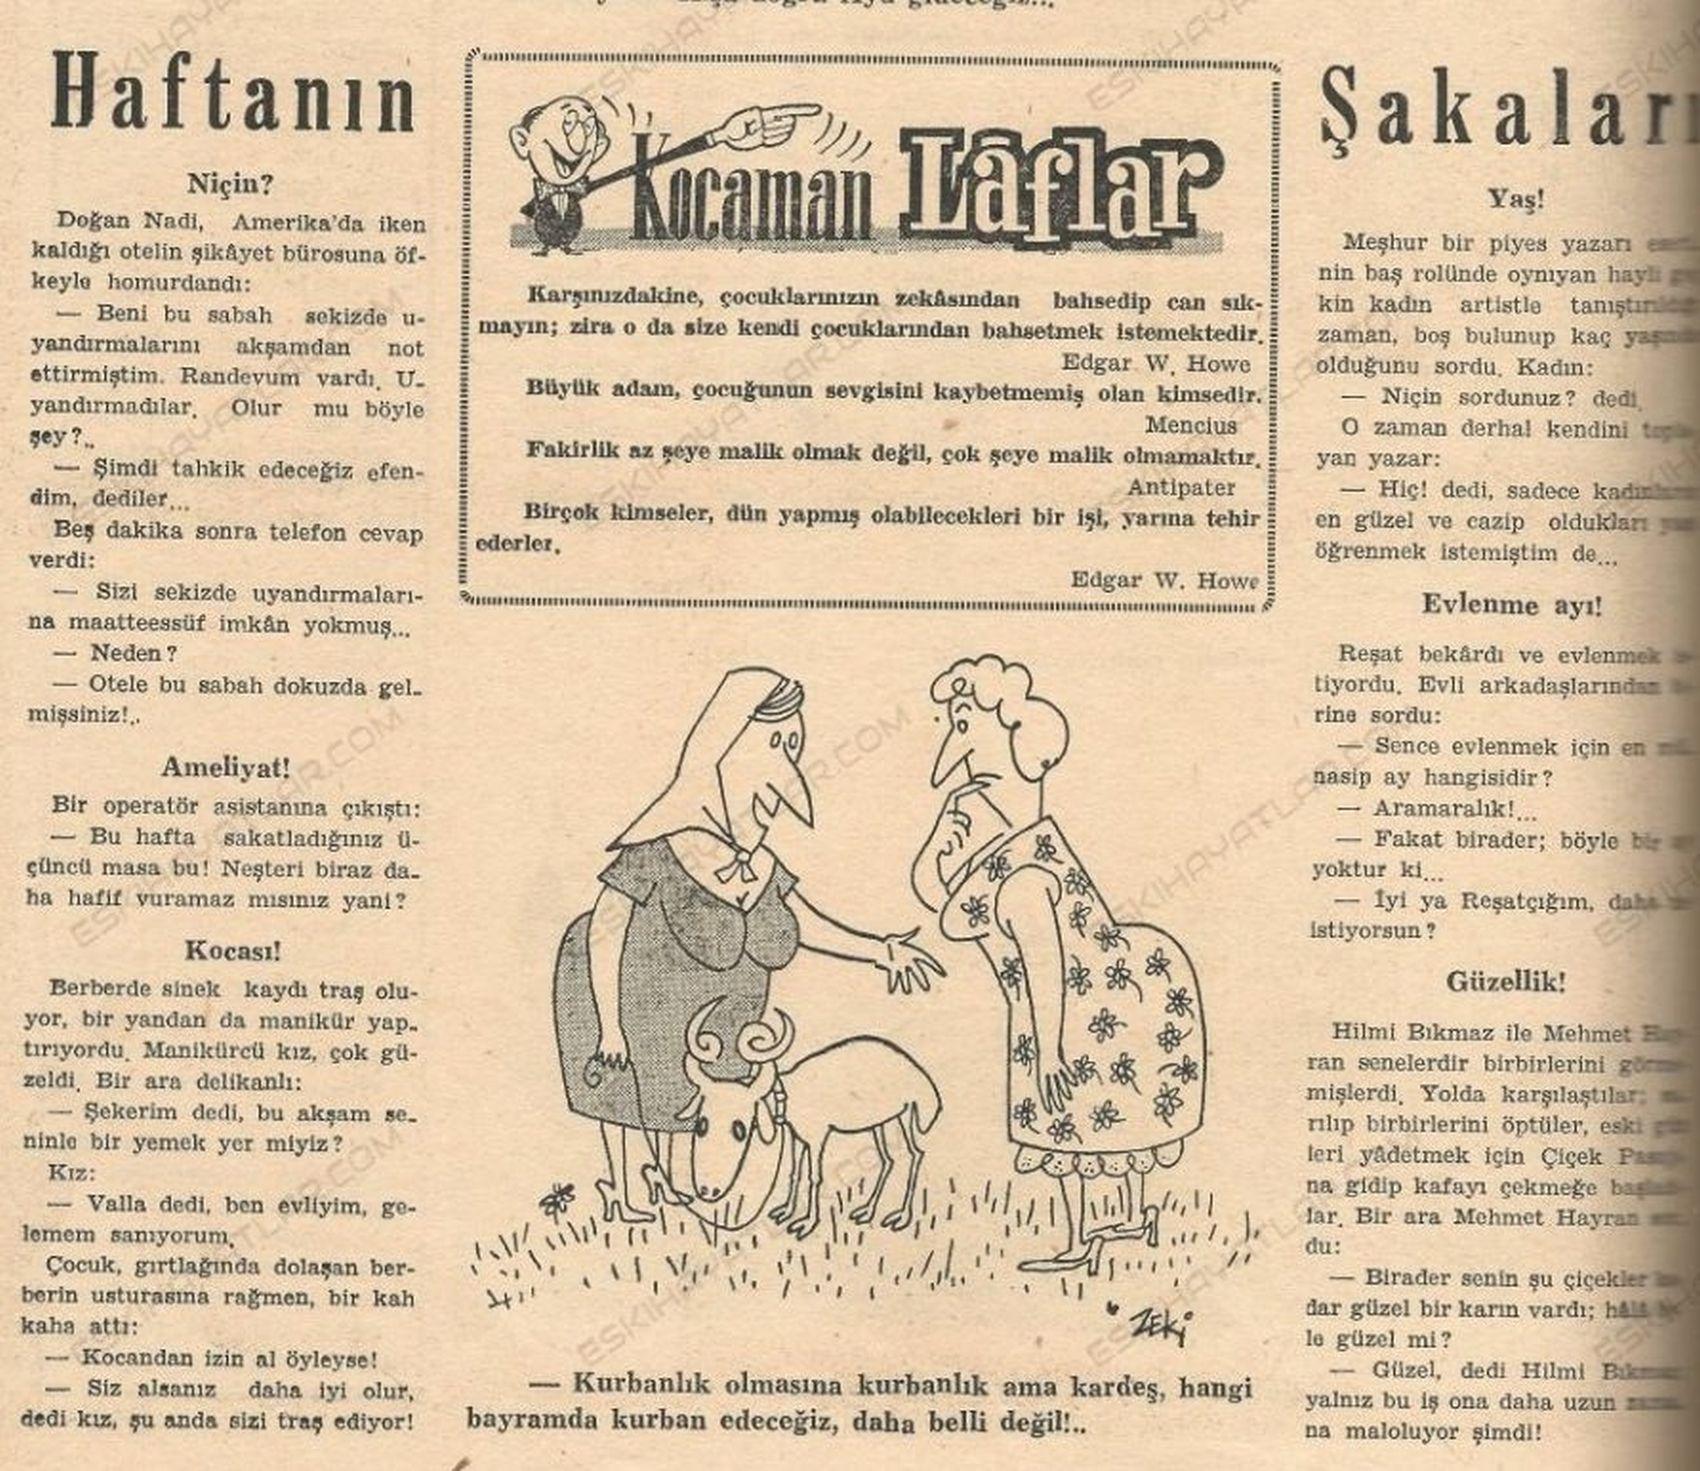 0363-akbaba-dergisi-18-haziran-1959 (10)